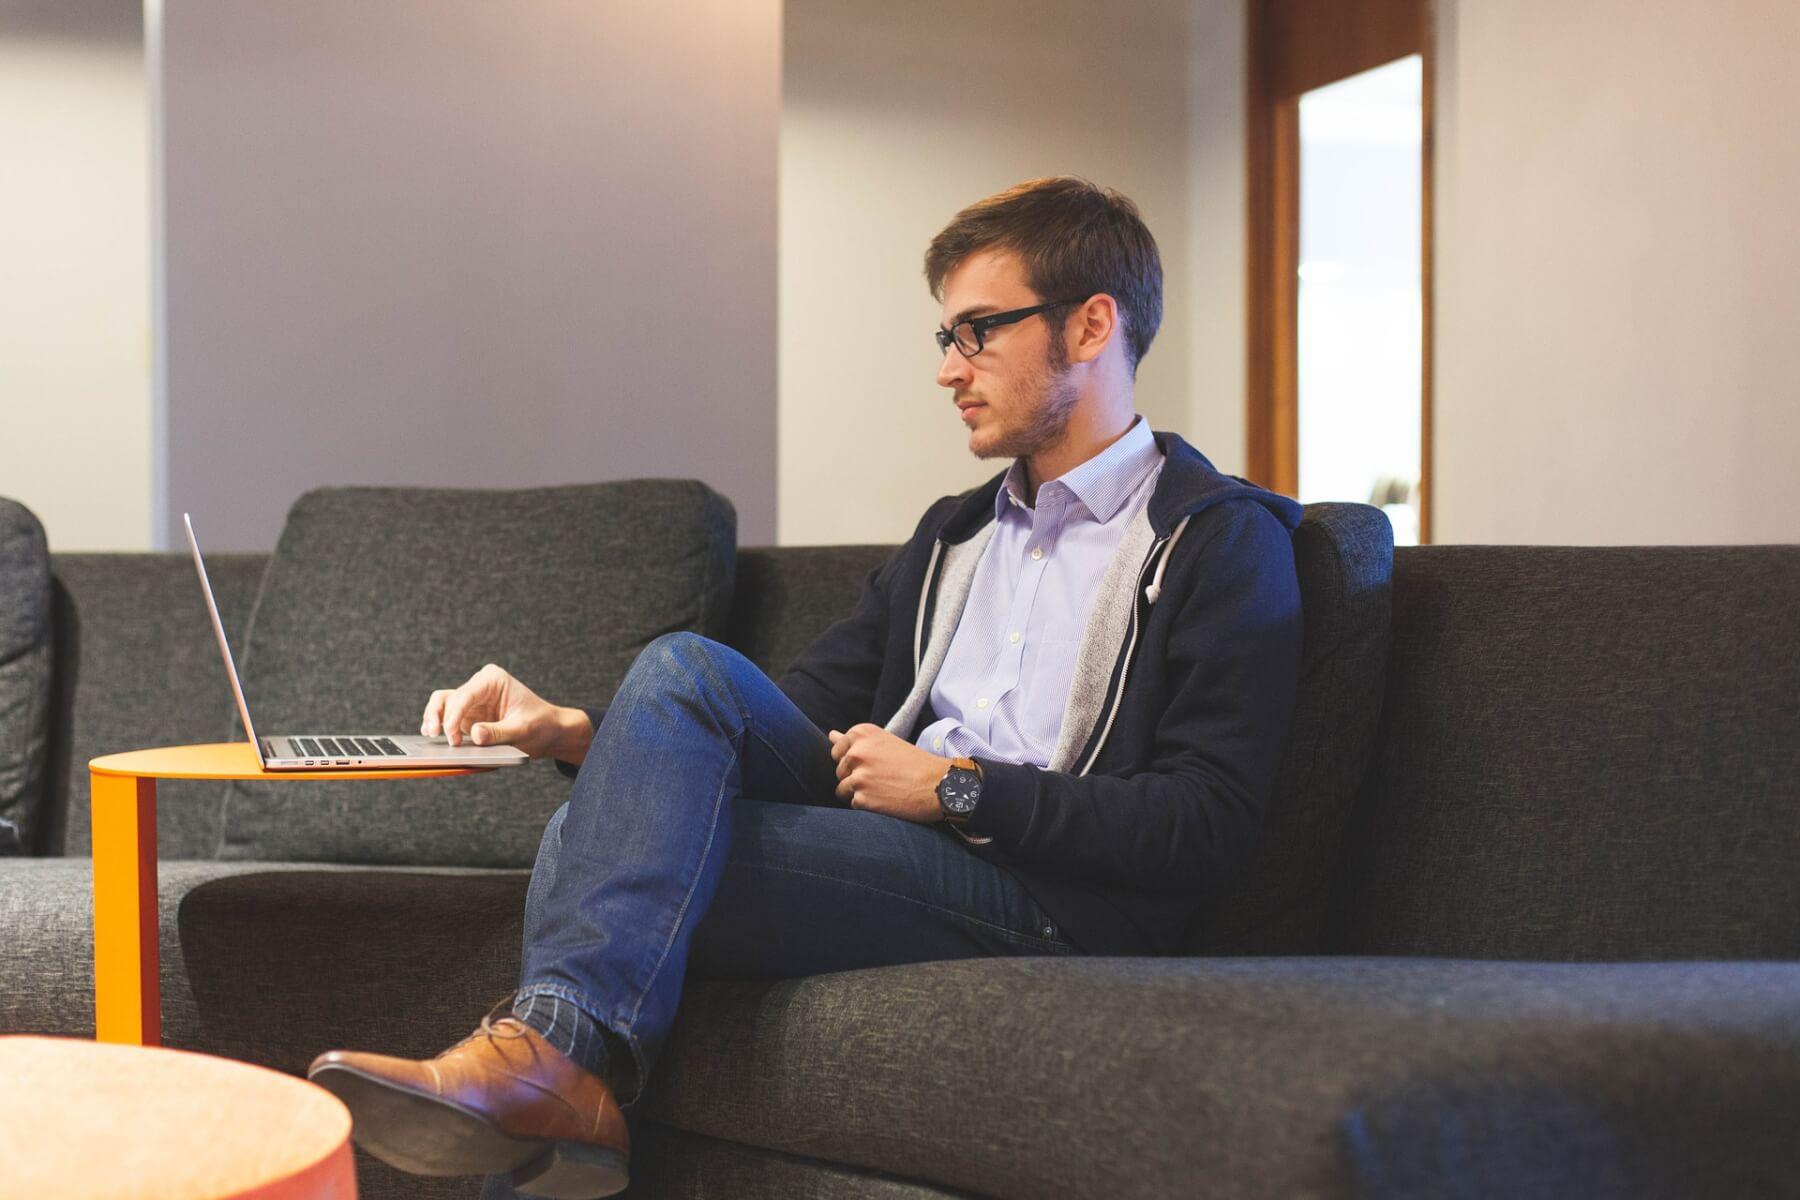 Unternehmen im Interview: 3 Fragen an